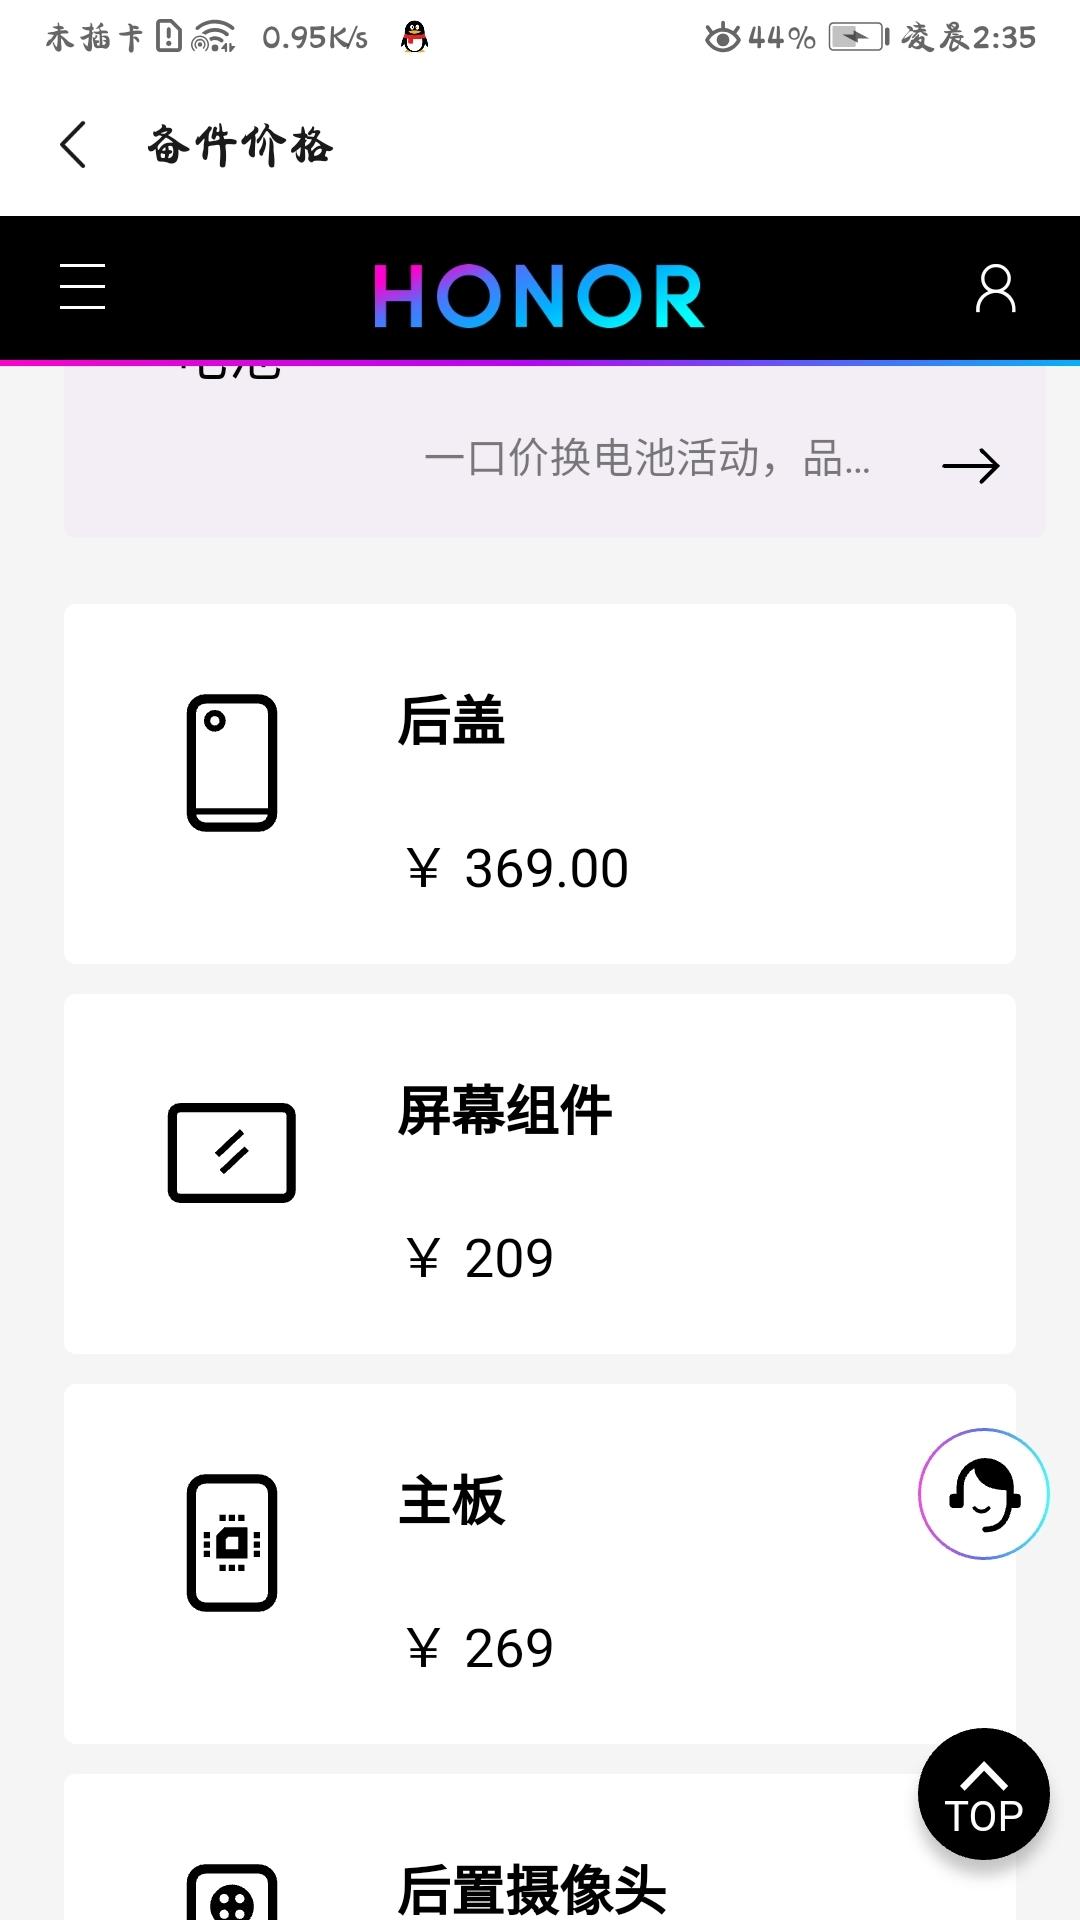 Screenshot_20200508_023549_com.huawei.fans.jpg